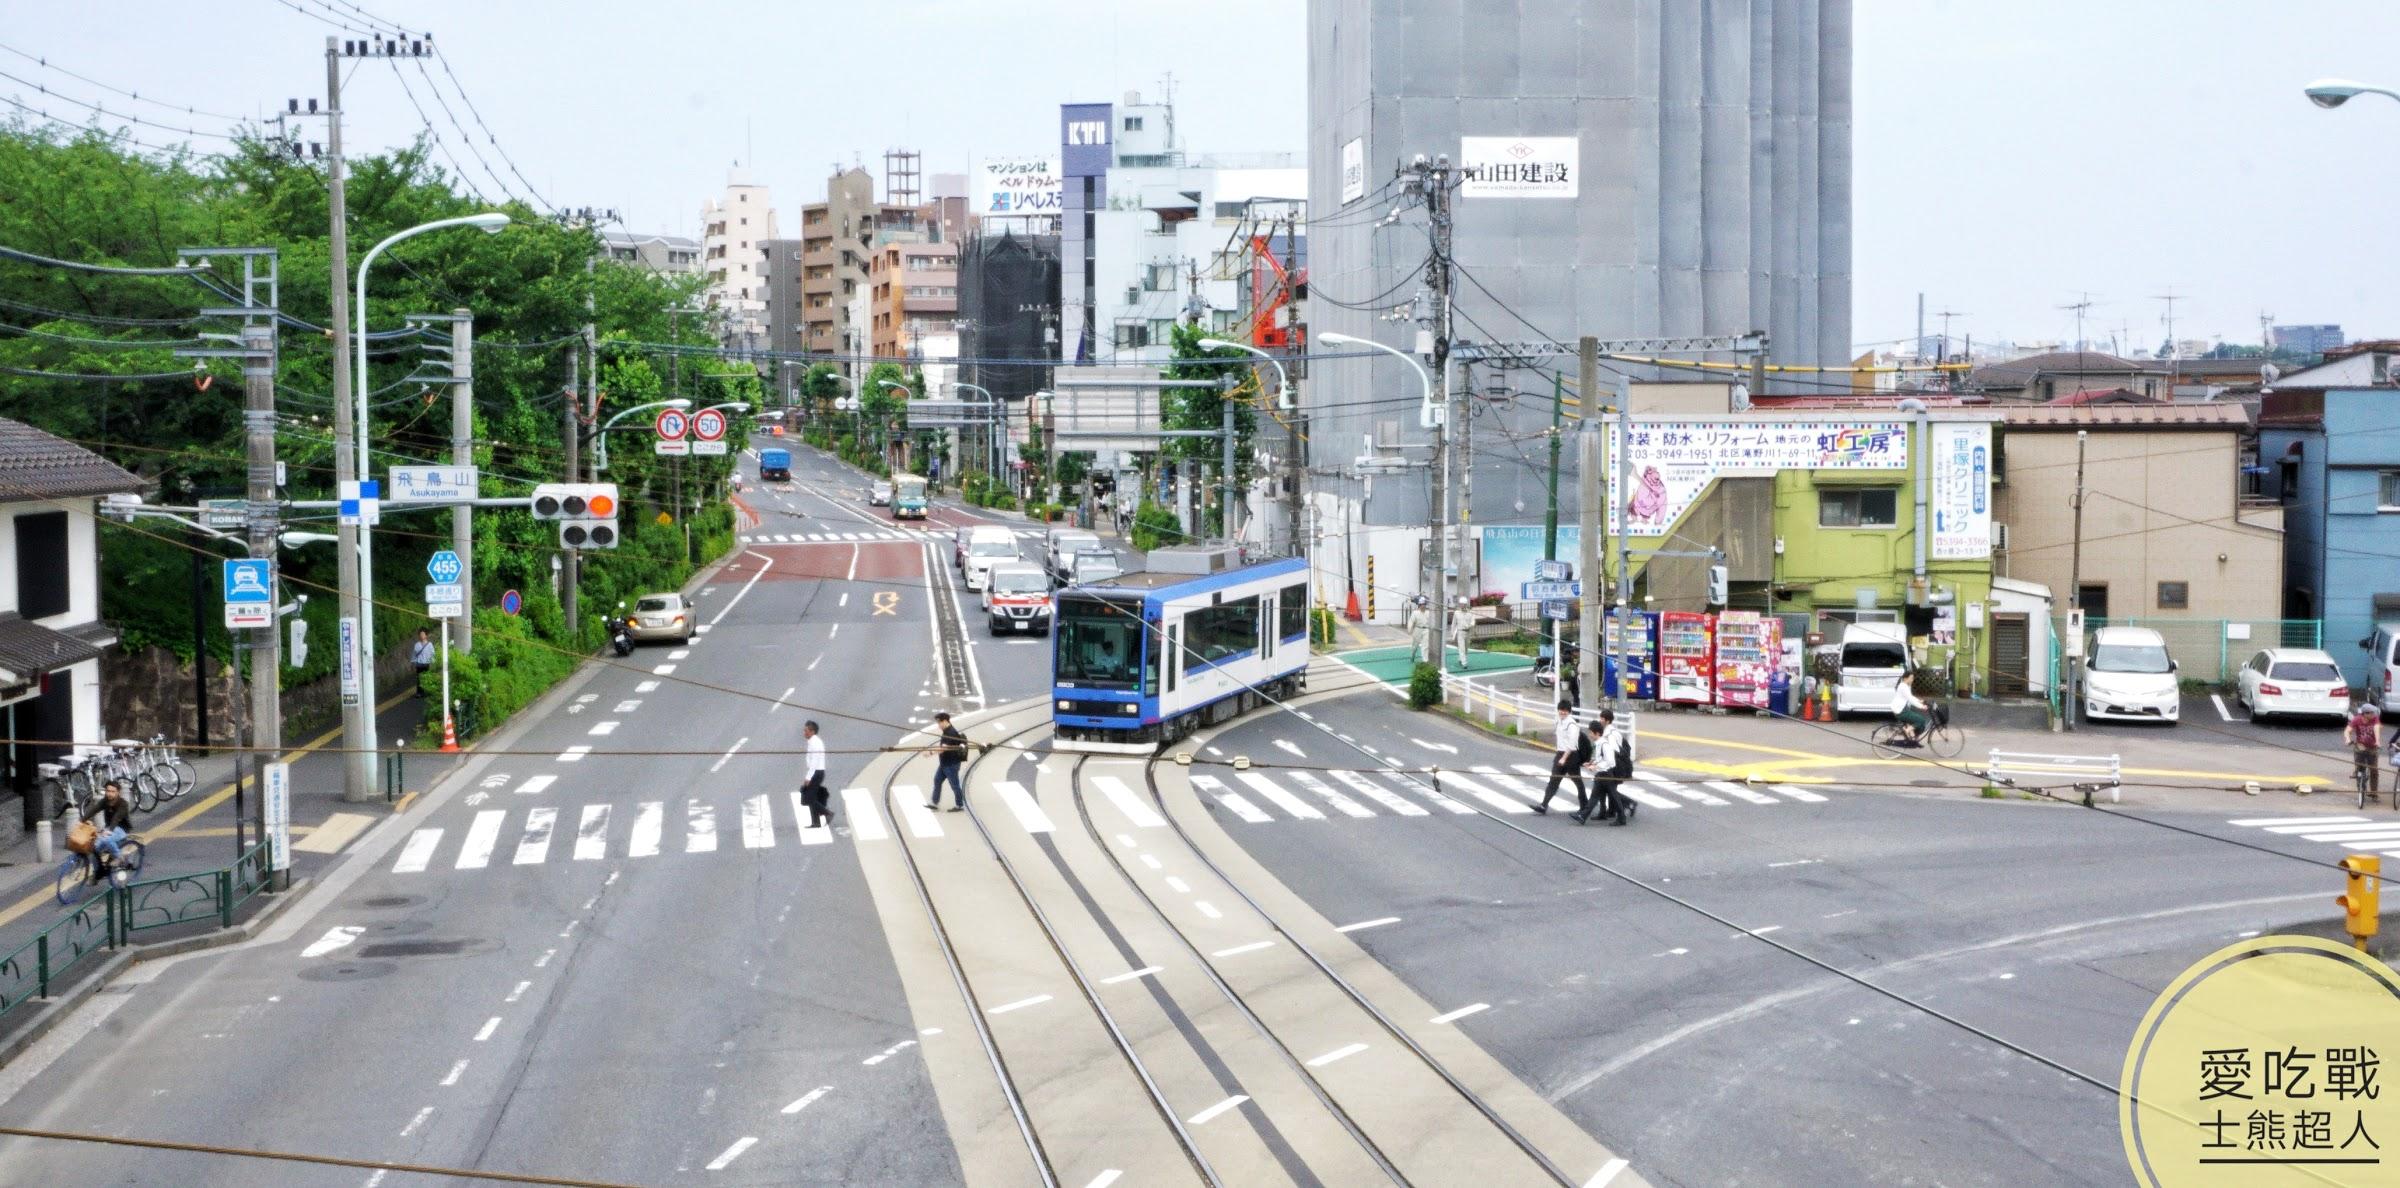 。東京 都電荒川線。飛鳥山公園+音無親水公園:都電荒川線必訪景點,還有纜車可以搭喔^^